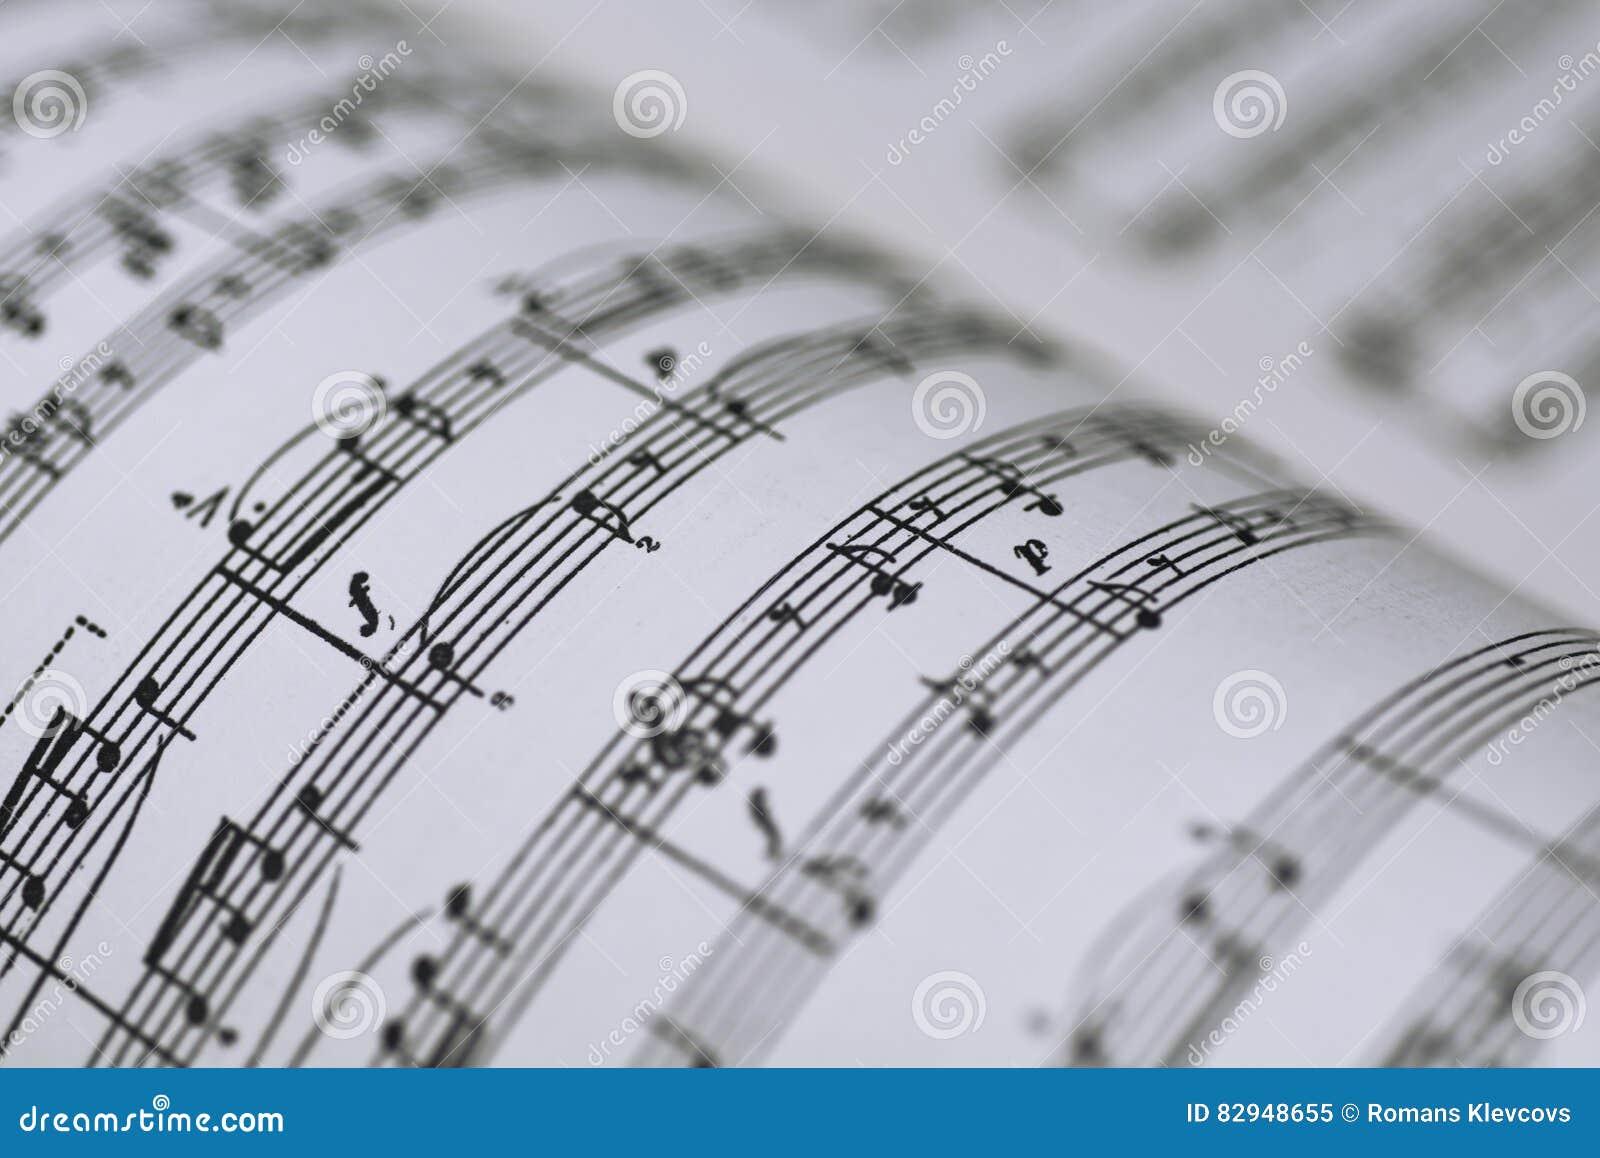 Abstrakcjonistyczny widok muzyka